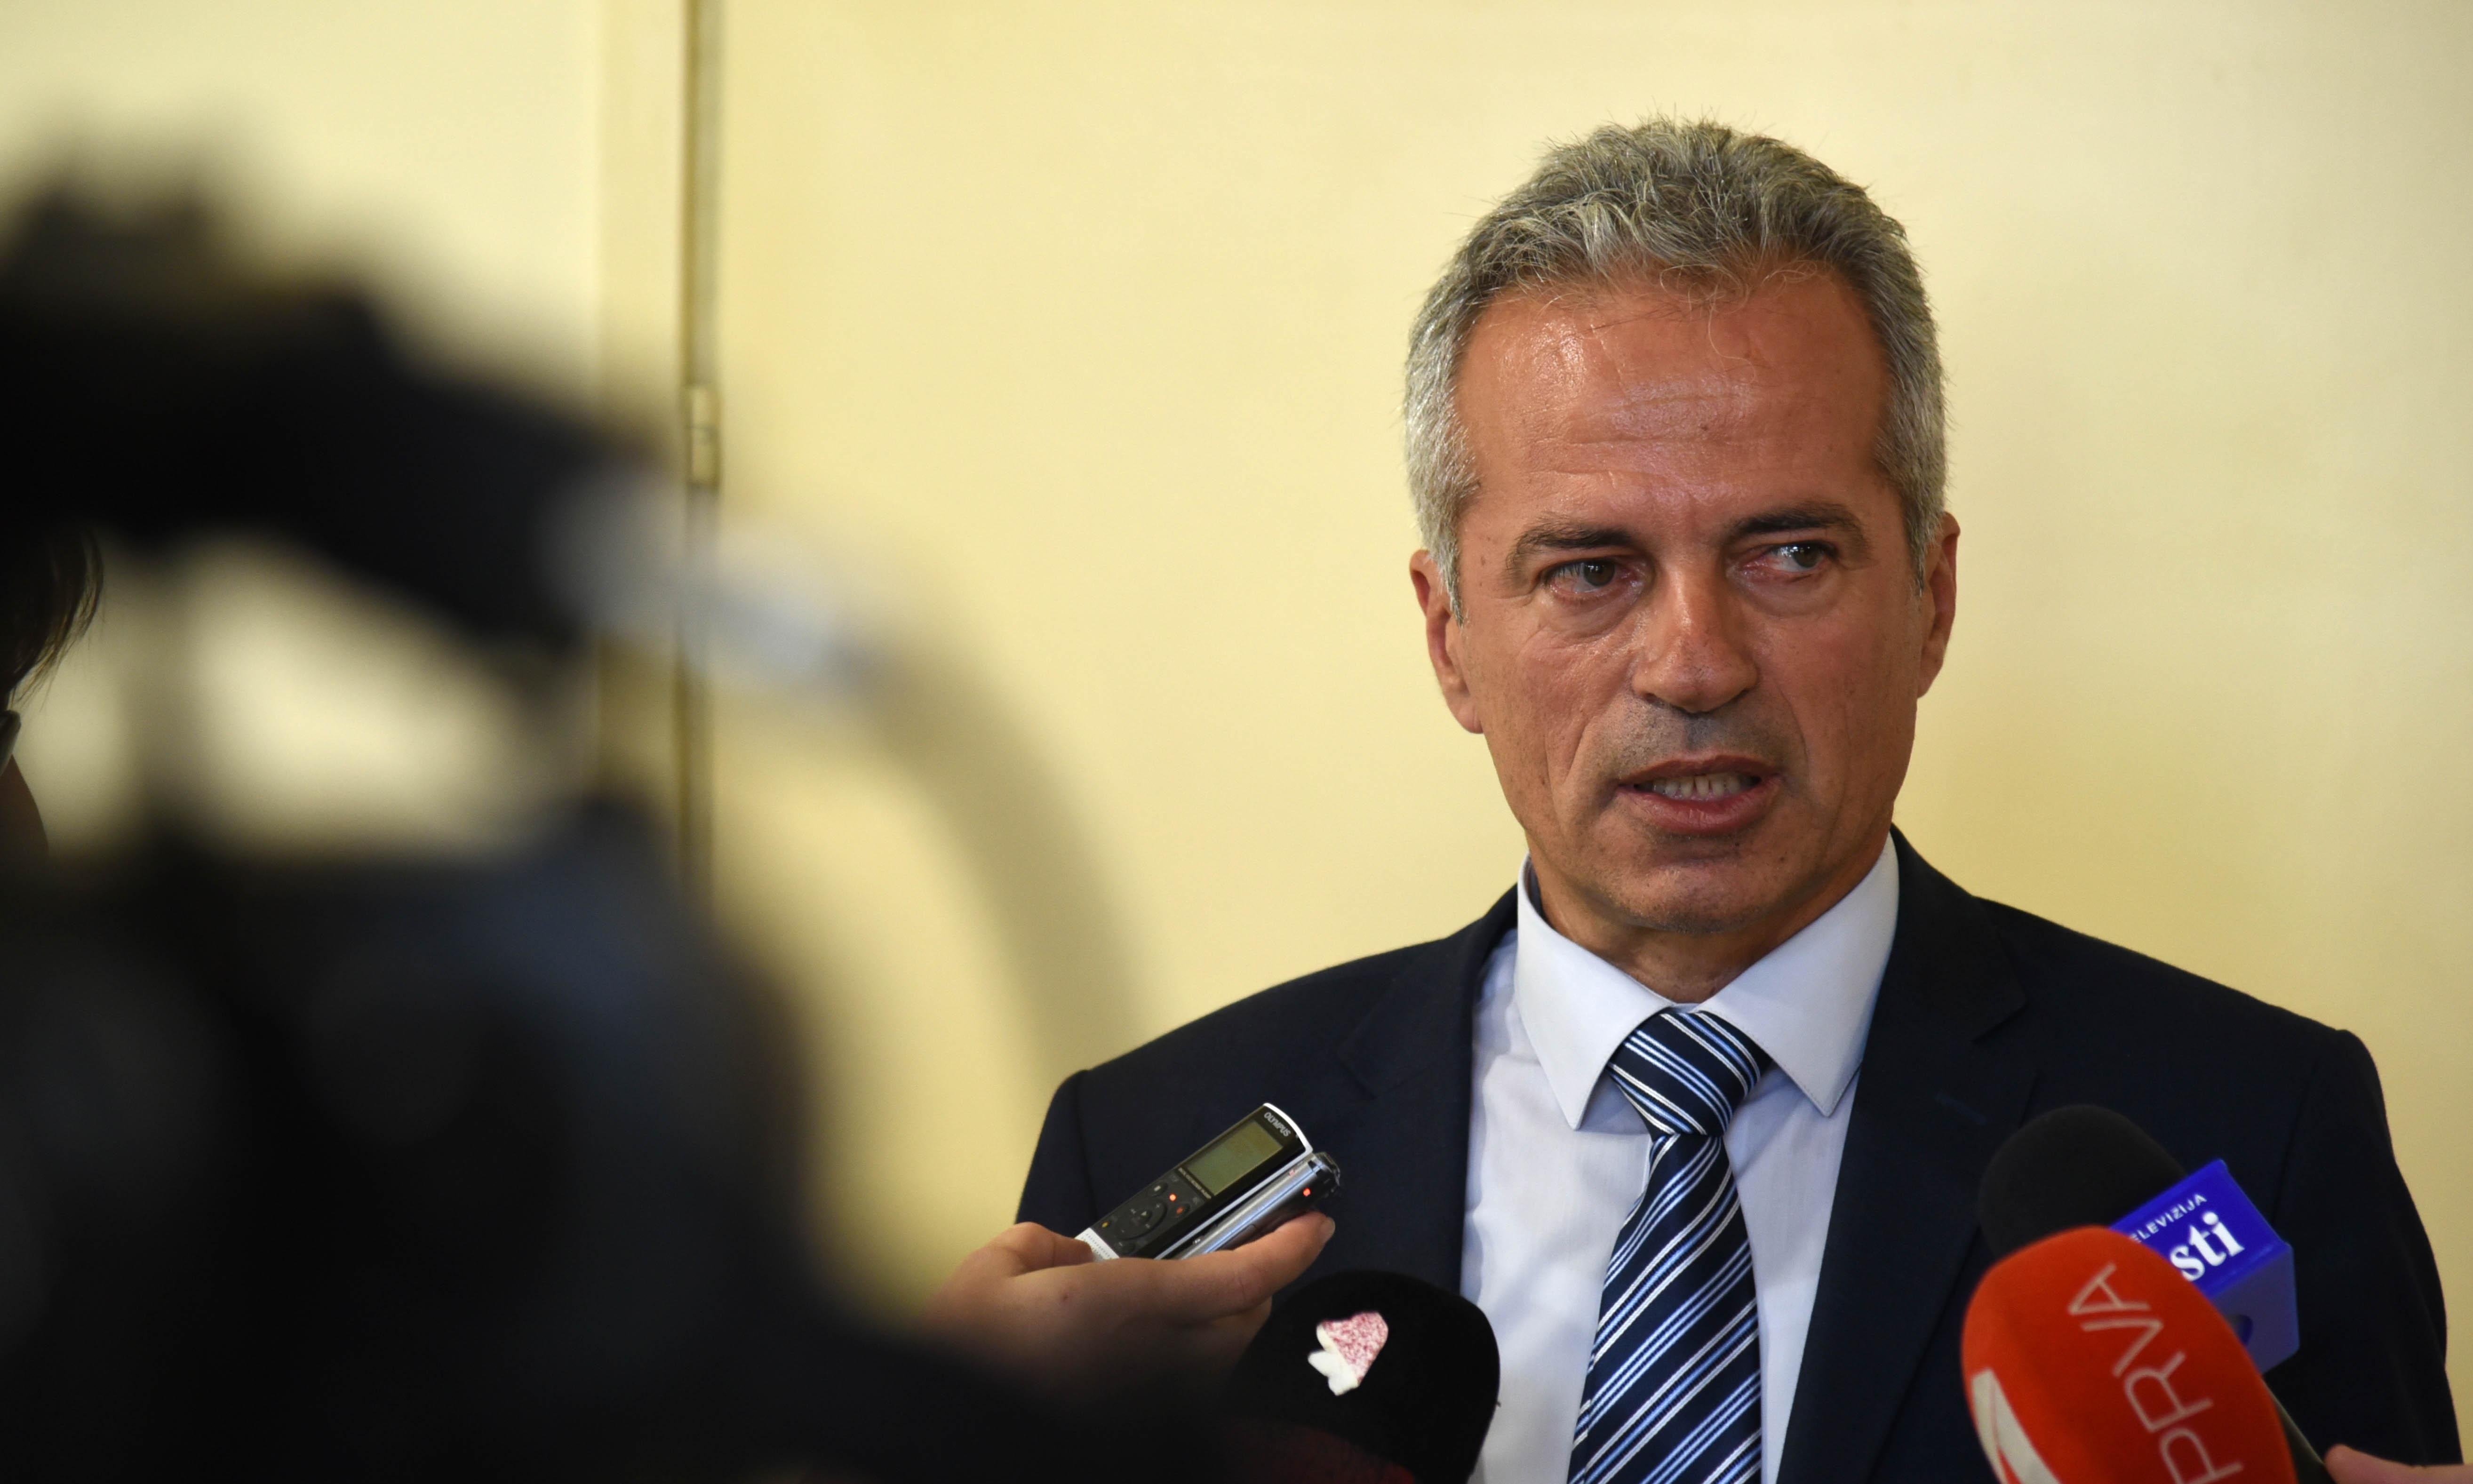 Država naplatila za 10 godina više od 73 miliona eura: Purišić